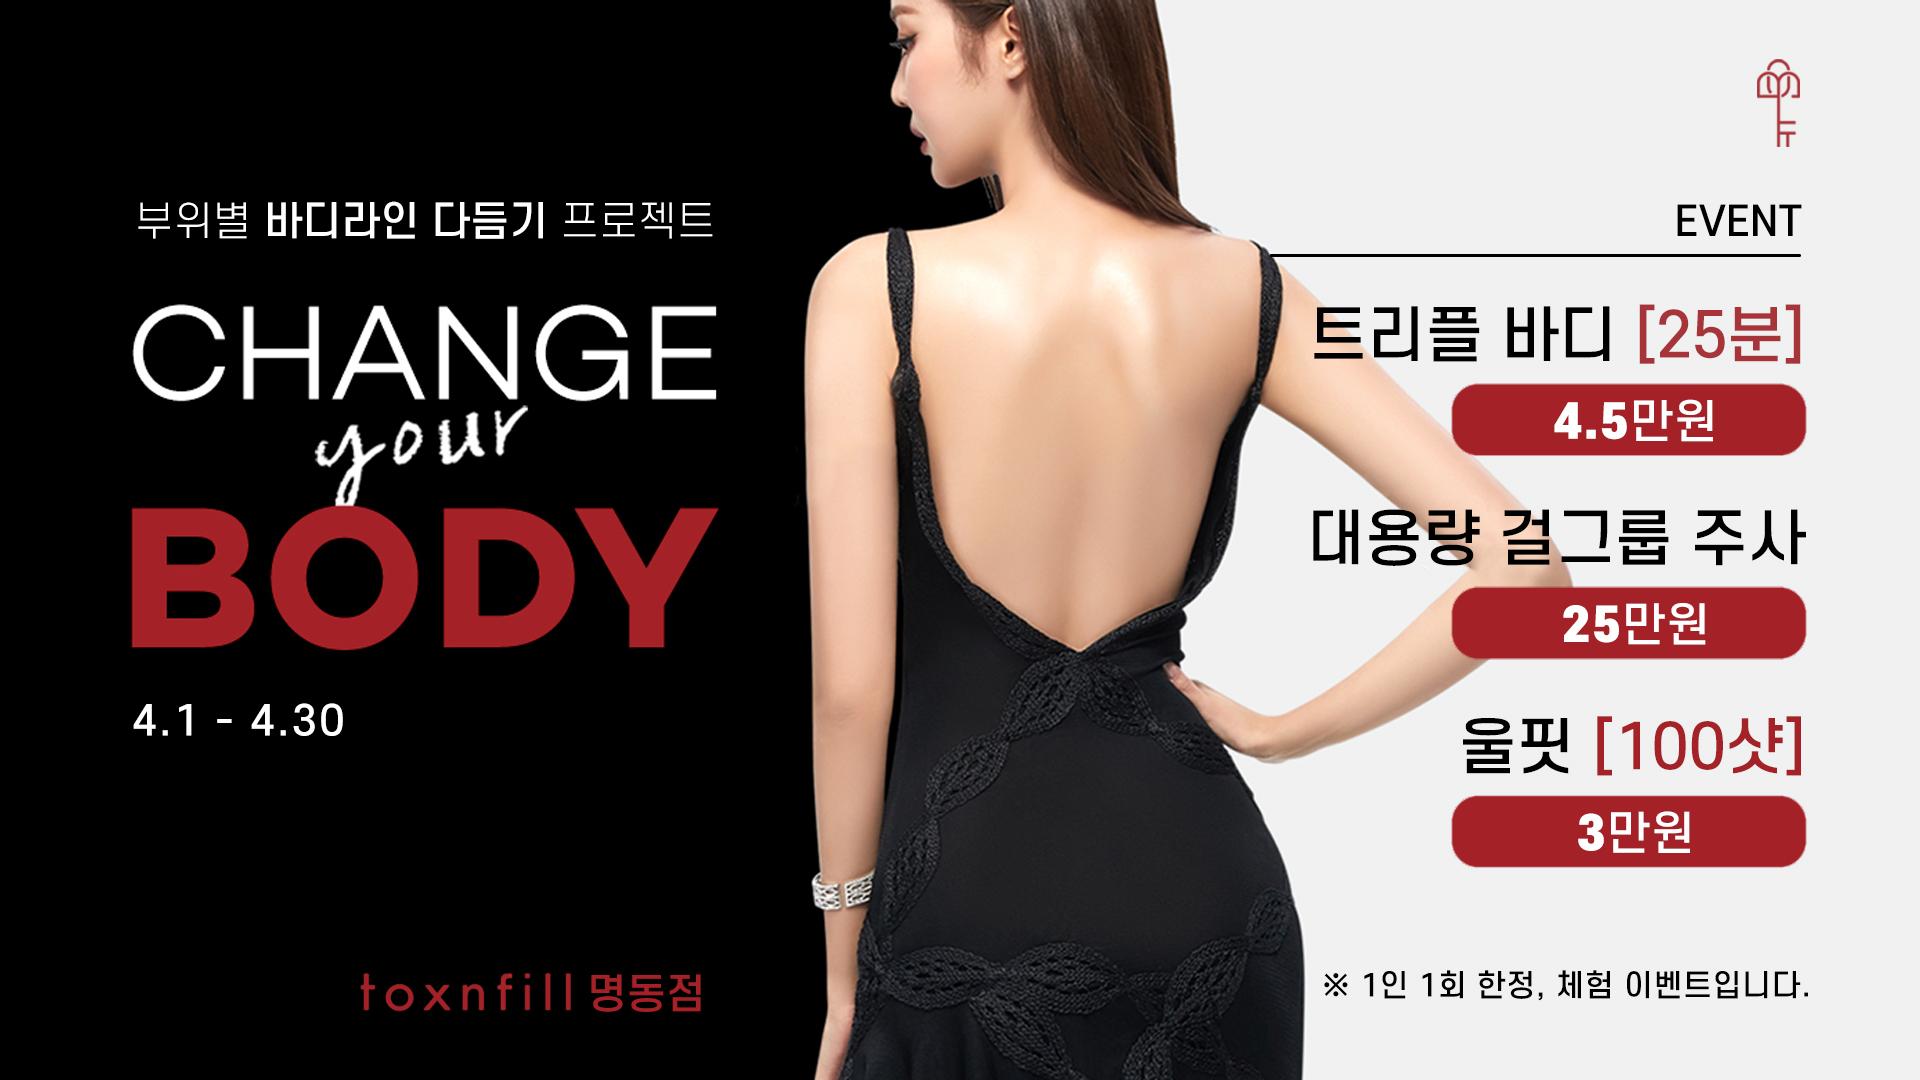 걸그룹주사/울핏/트리플바디 EVENT ~4월 30일